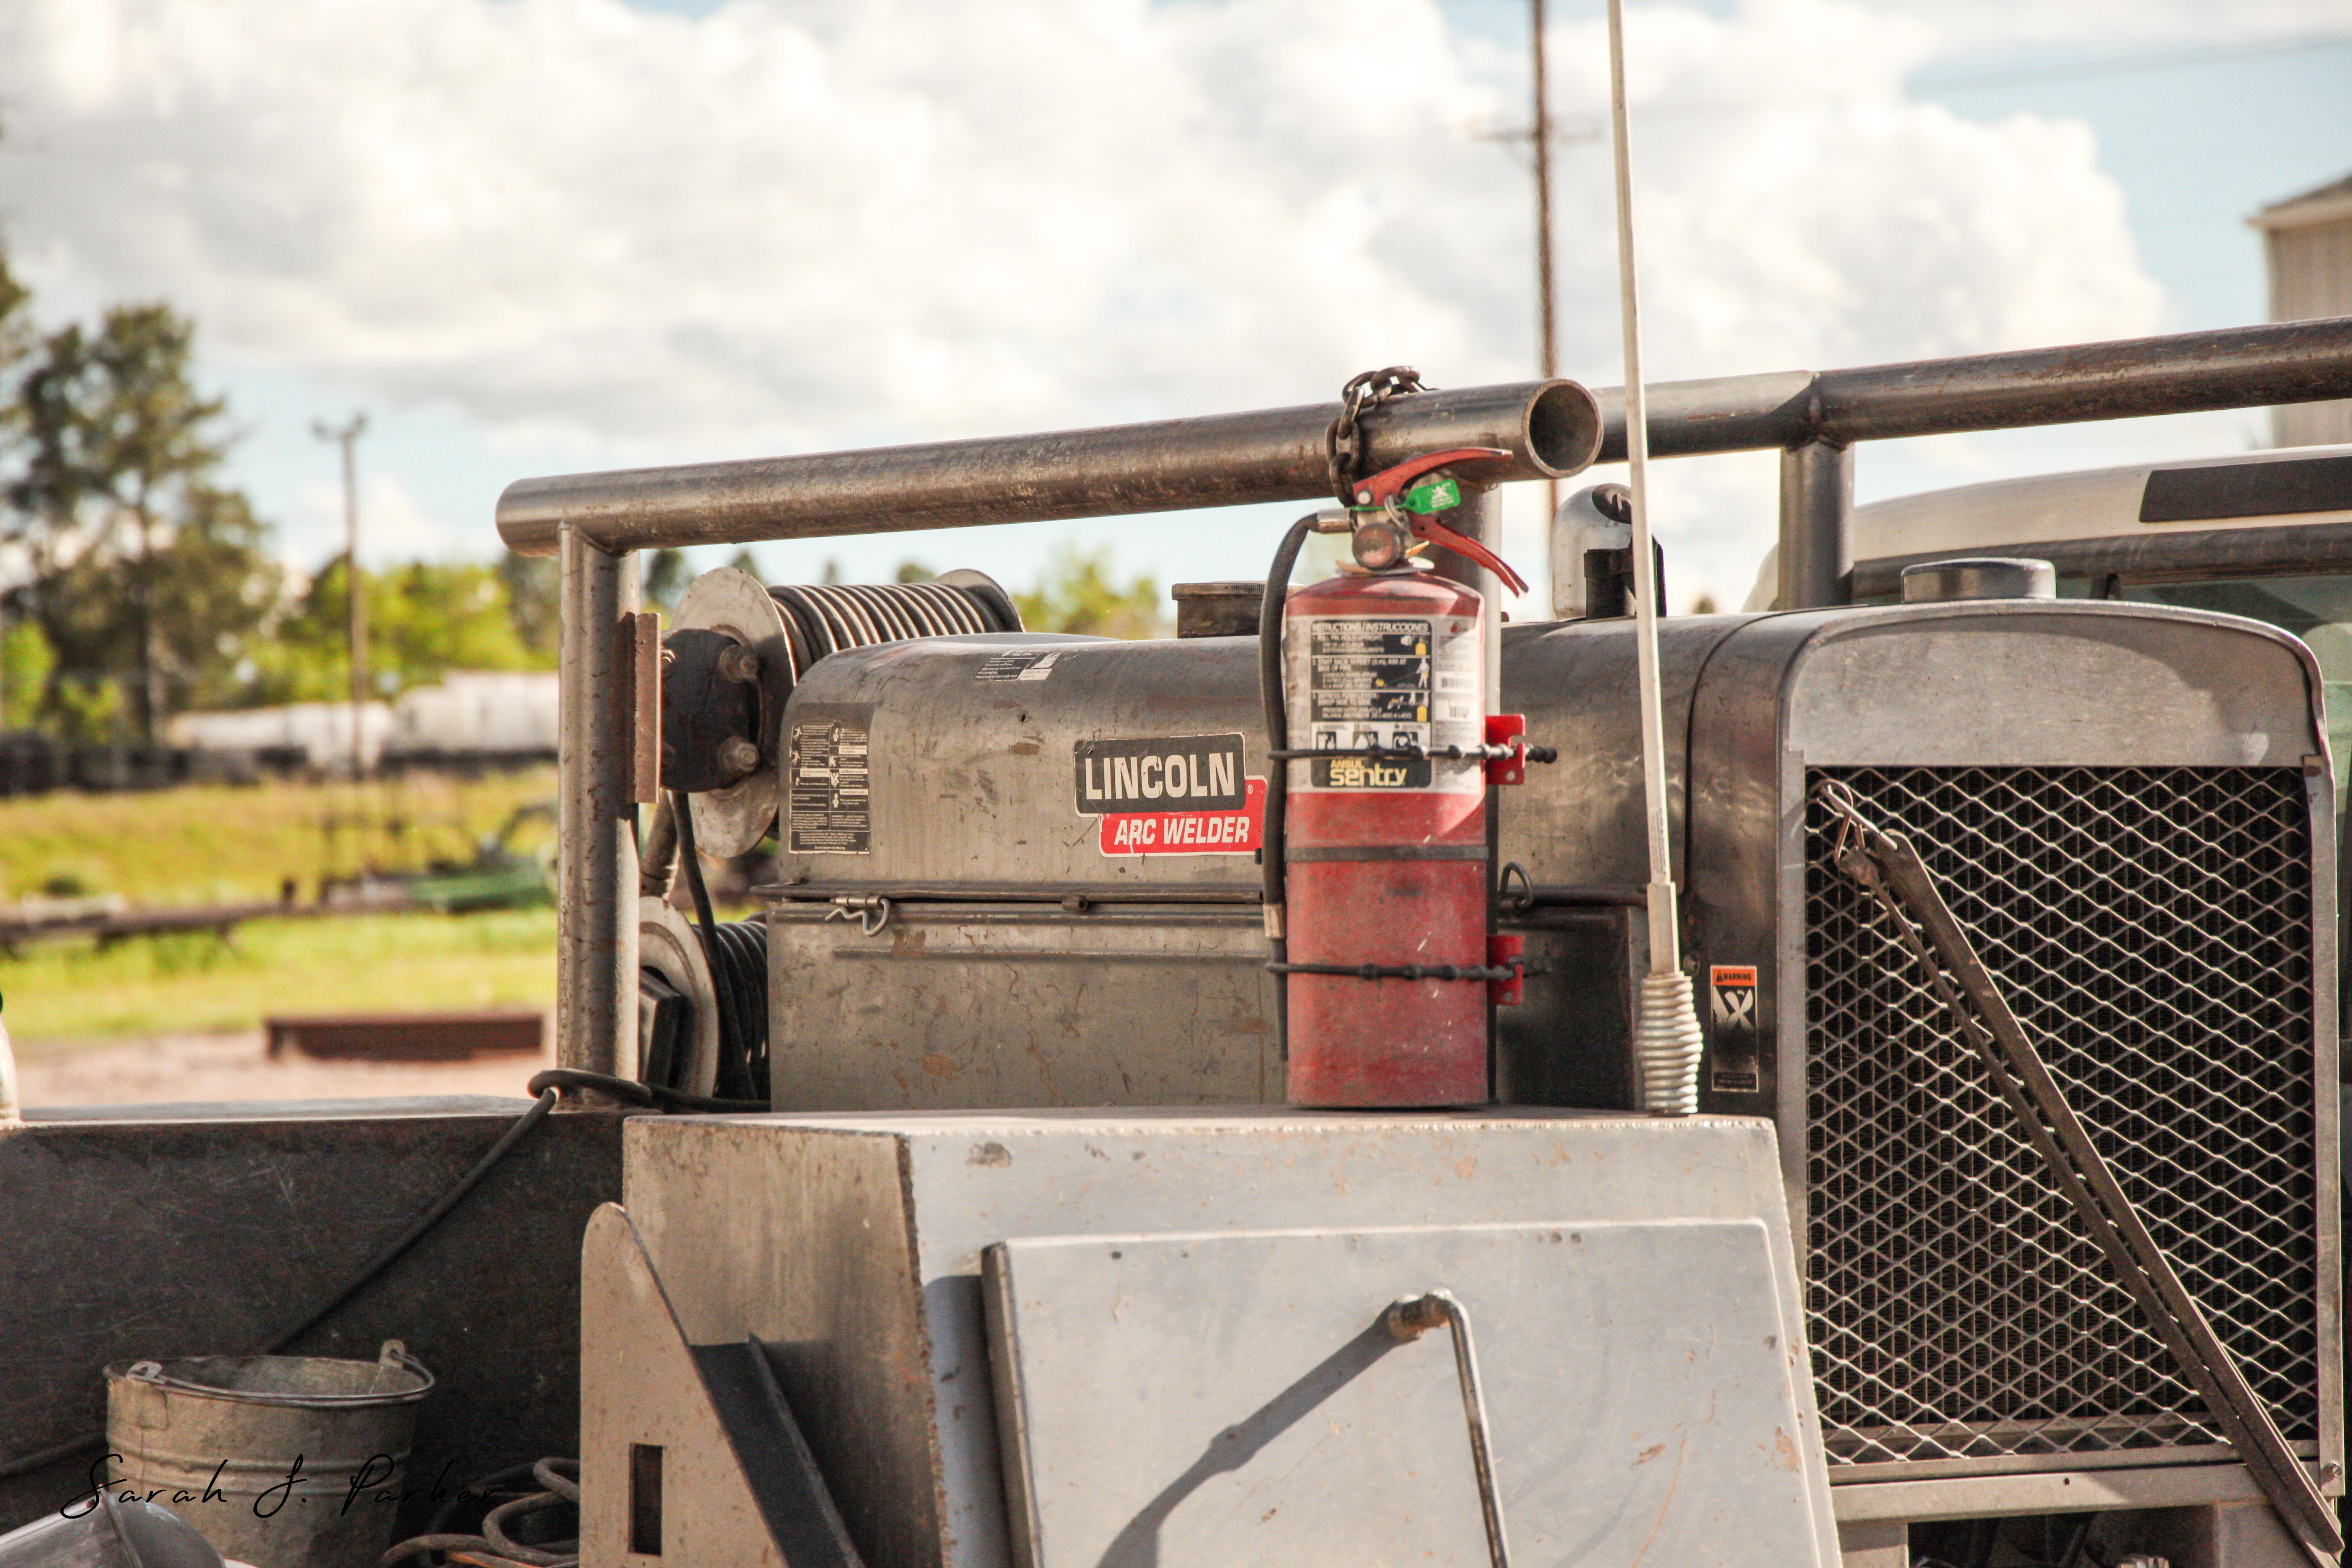 Welding Diy Part 2 Setting Up Your First Welding Truck Garys Welding Inc